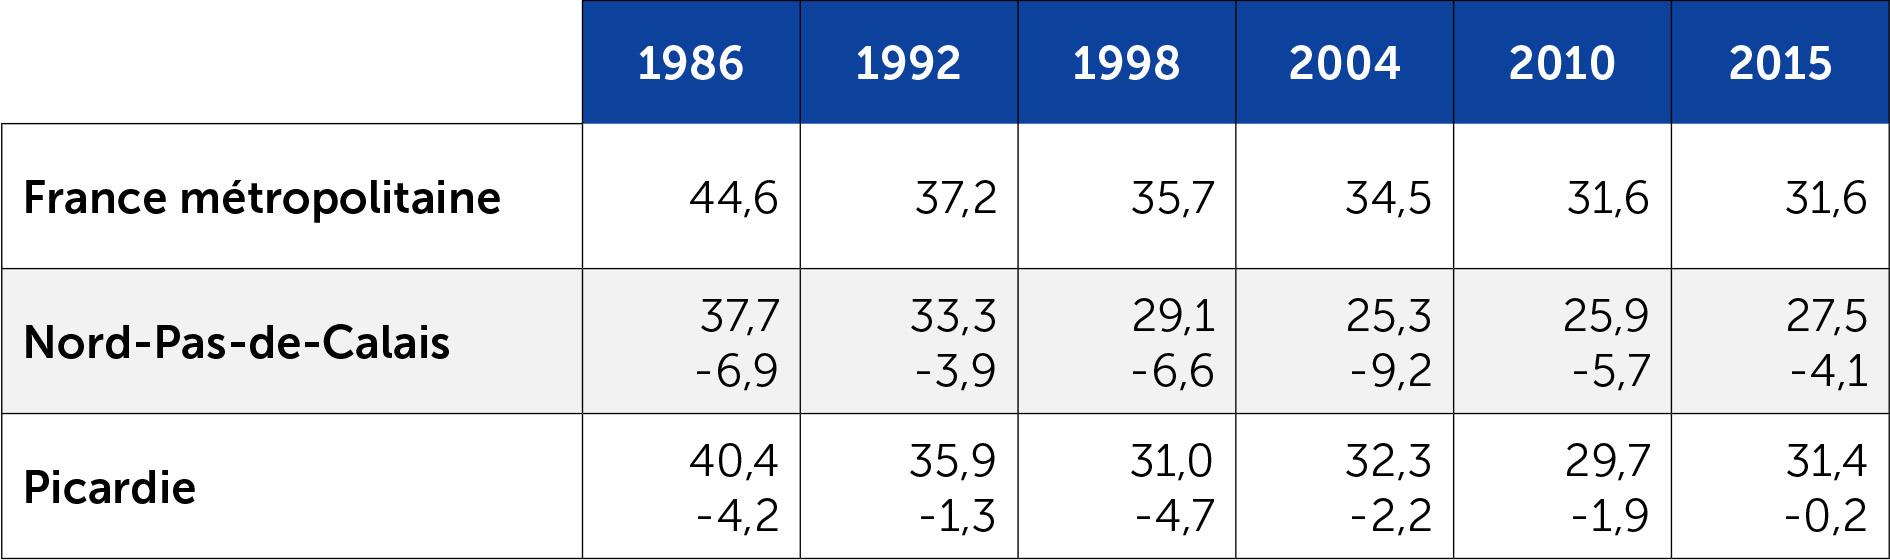 Score de la droite aux régionales en Nord-Pas-de-Calais et Picardie depuis 1986